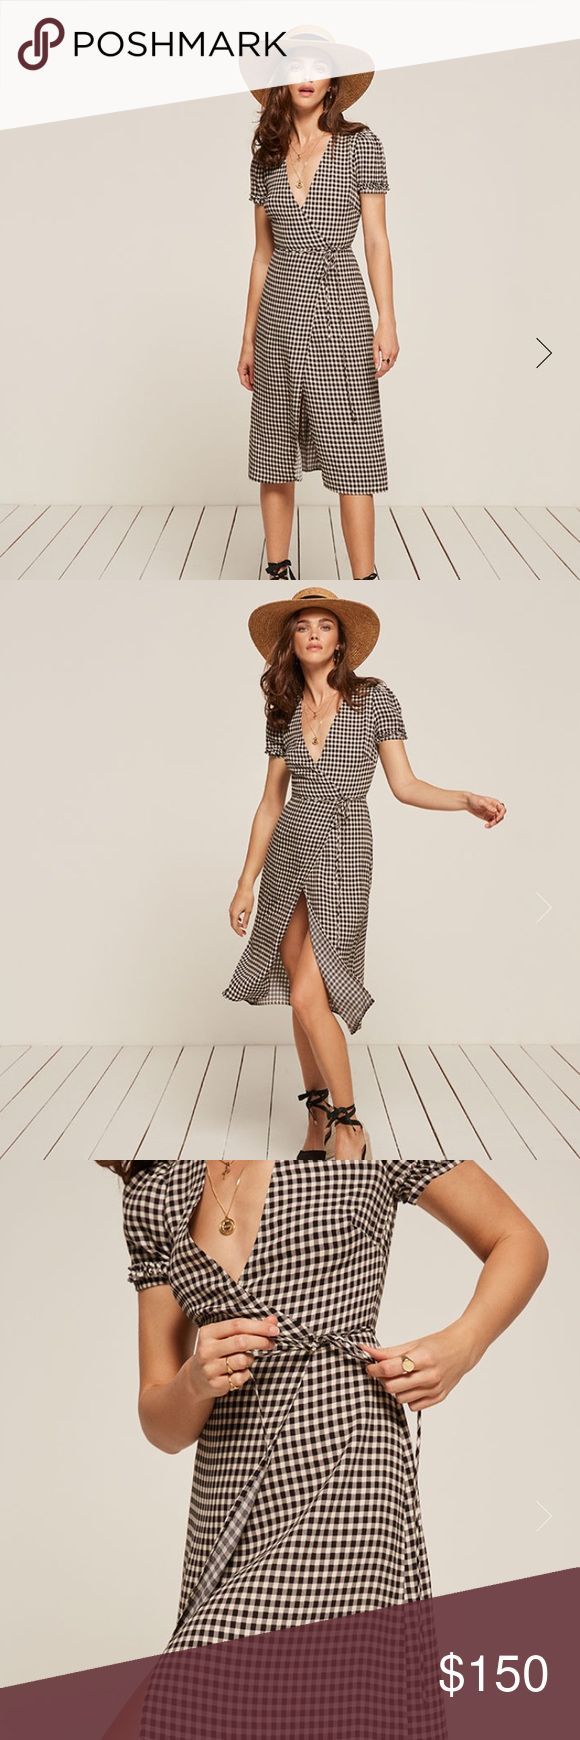 Reformation Addy Dress Reformation Addy Dress in checker print. Brand new condition! Reformation Dresses Midi